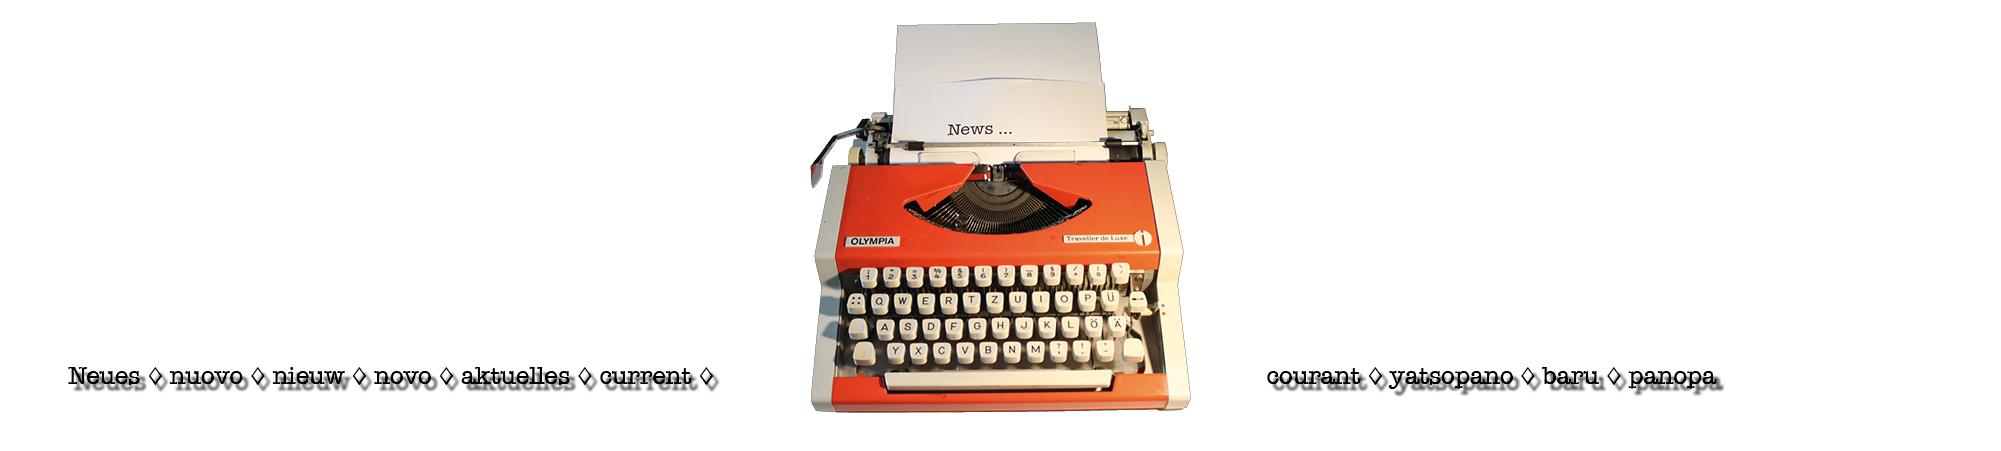 News und Aktuelles vom Verein Freunde Anna Dengel - eines Schreibmaschine als Symbolbild dafür